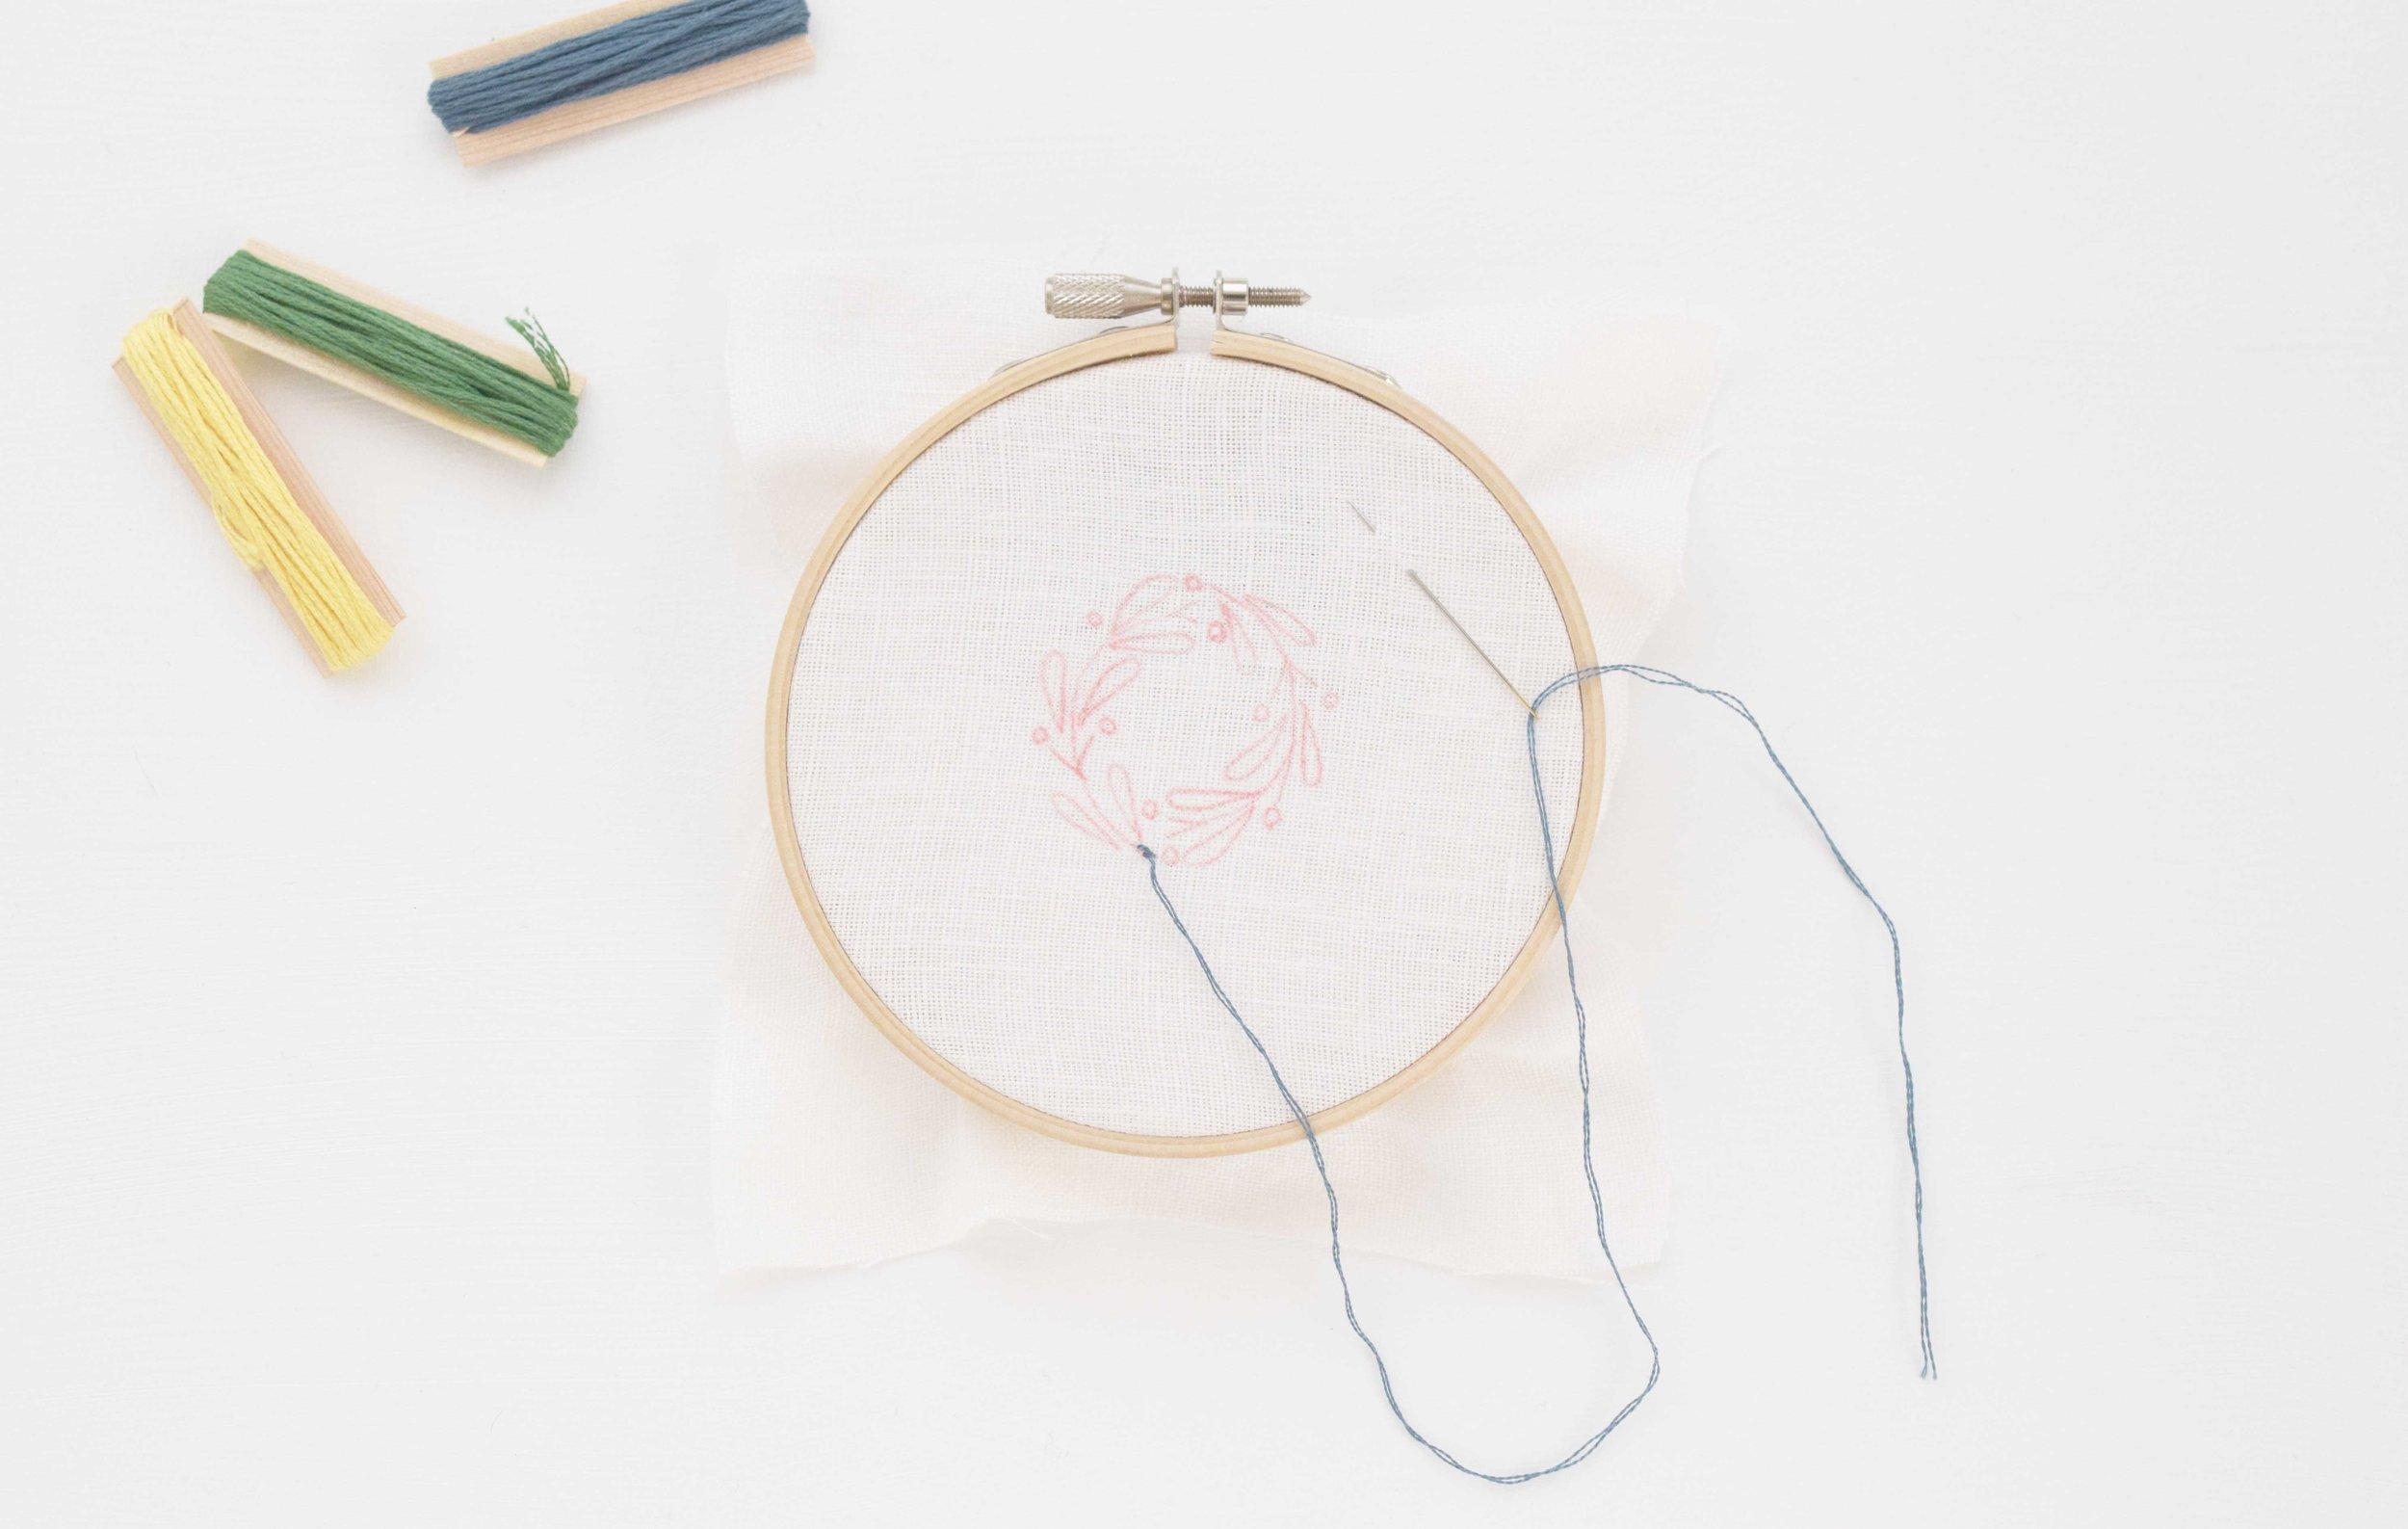 刺繍の基本 初めて キット